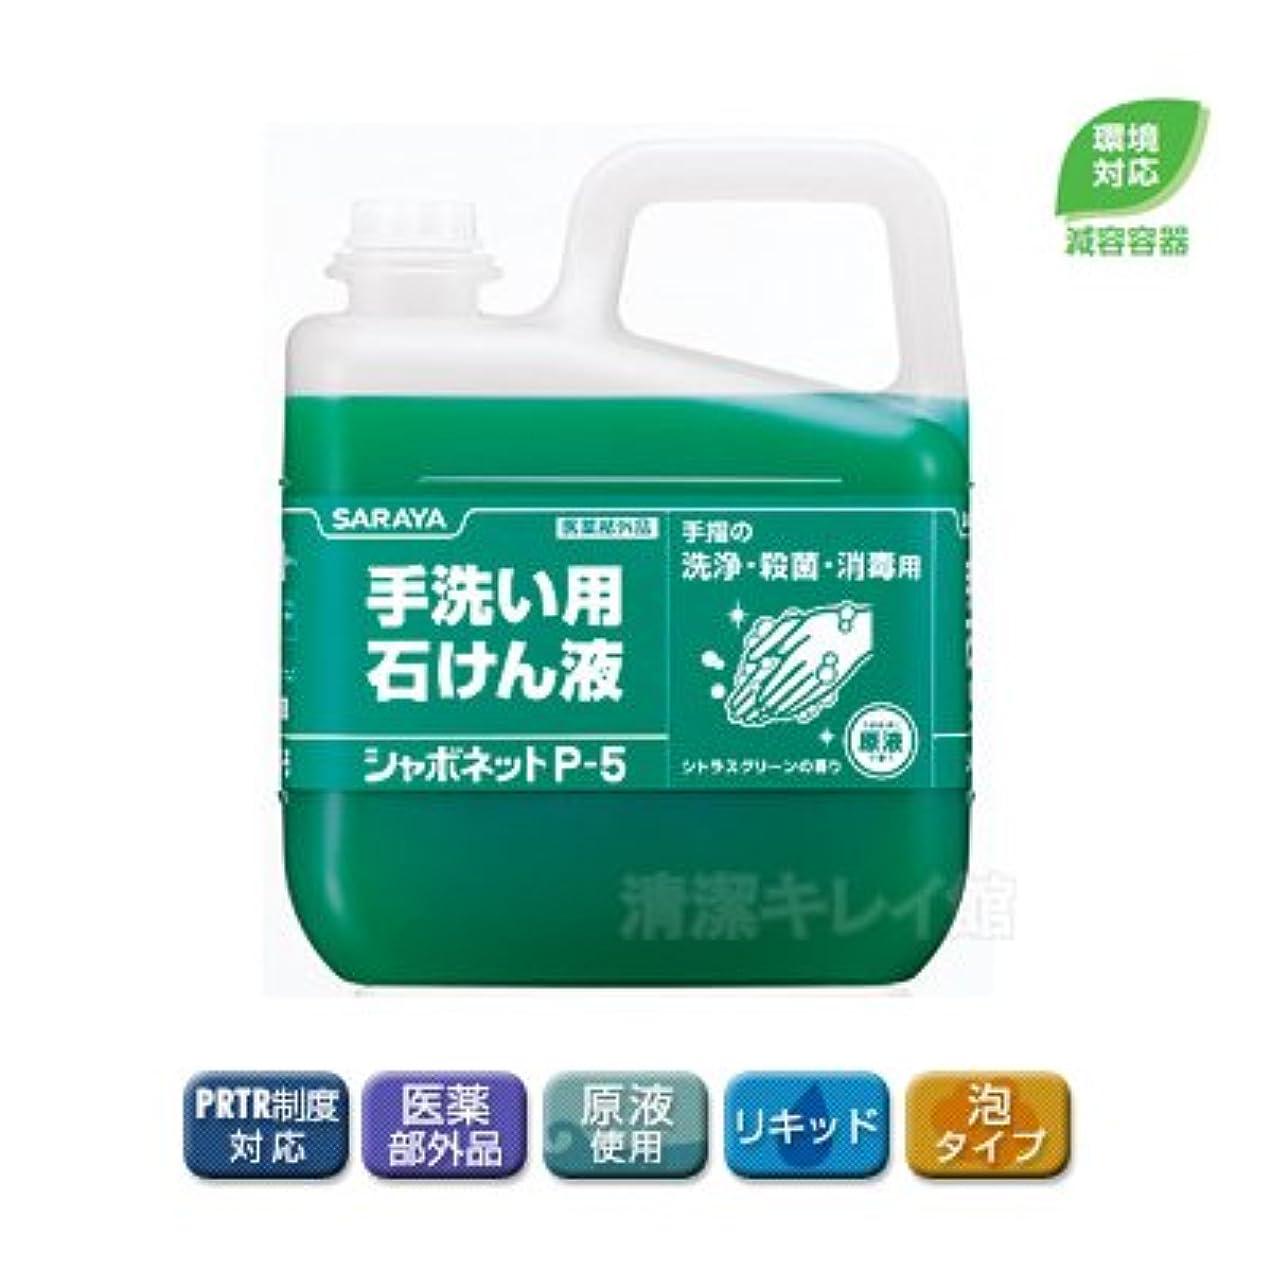 買い手ぞっとするような債権者【清潔キレイ館】サラヤ シャボネット石鹸液P-5(5kg)